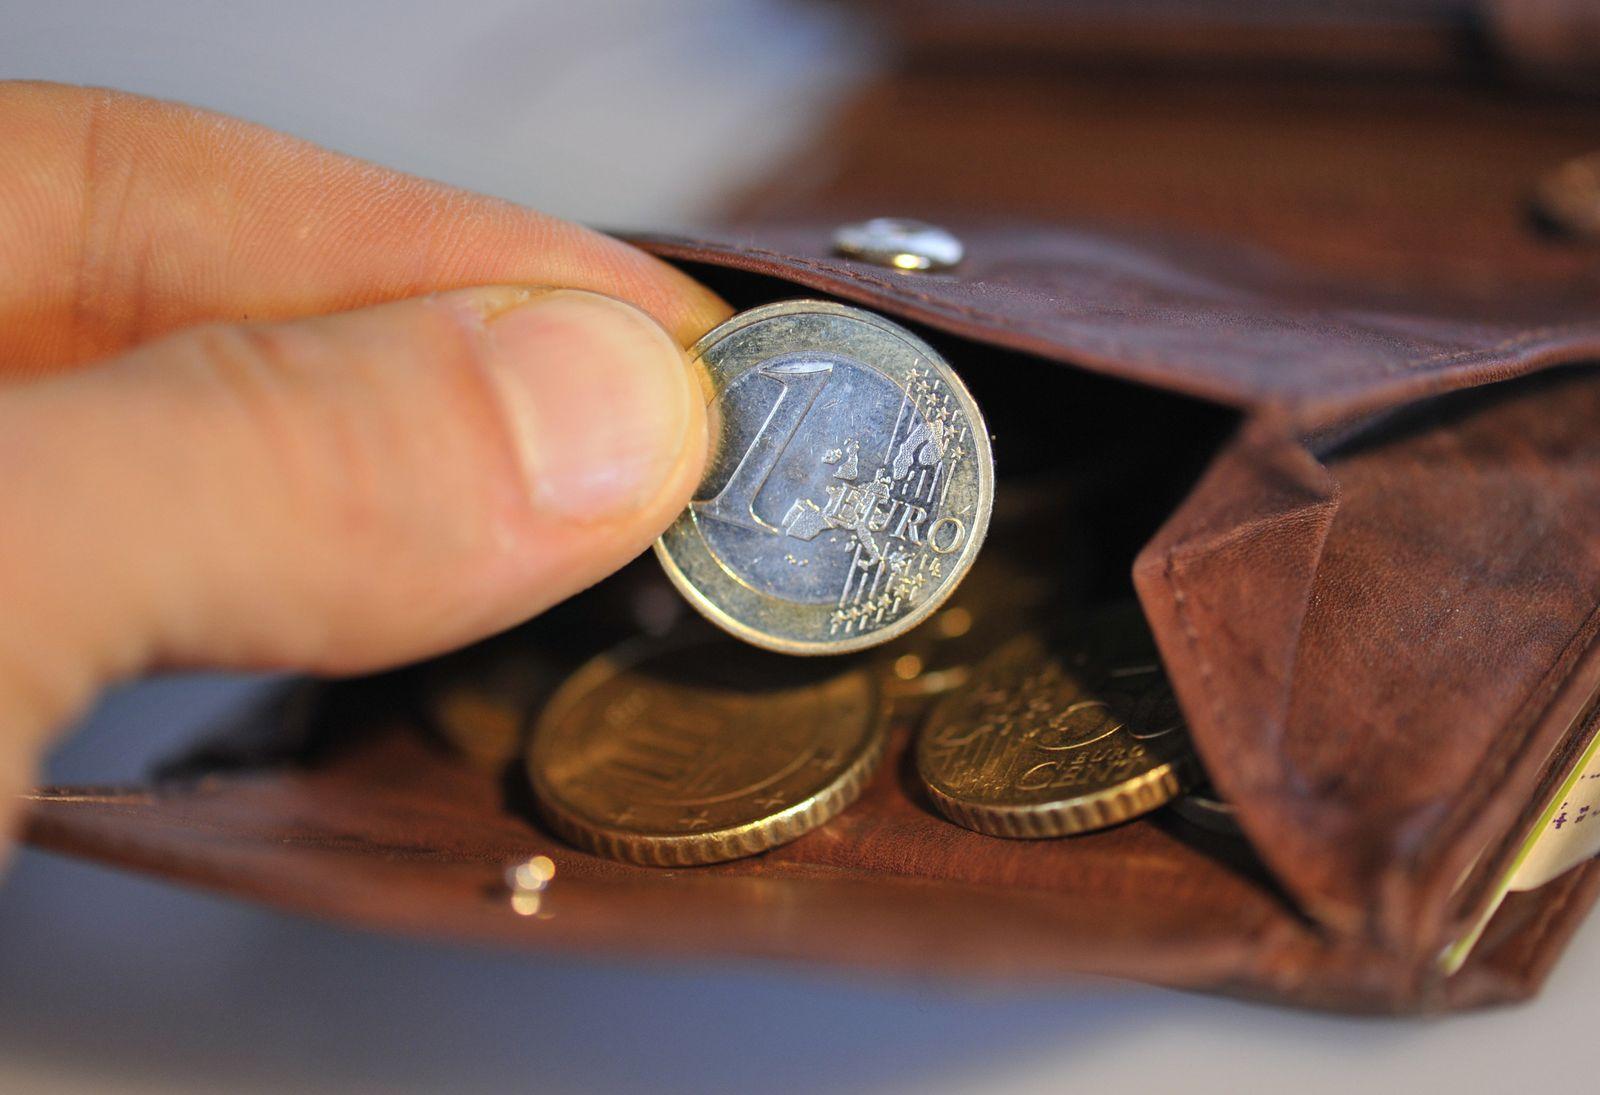 Steuer / Euro-Münze / Geldbeutel